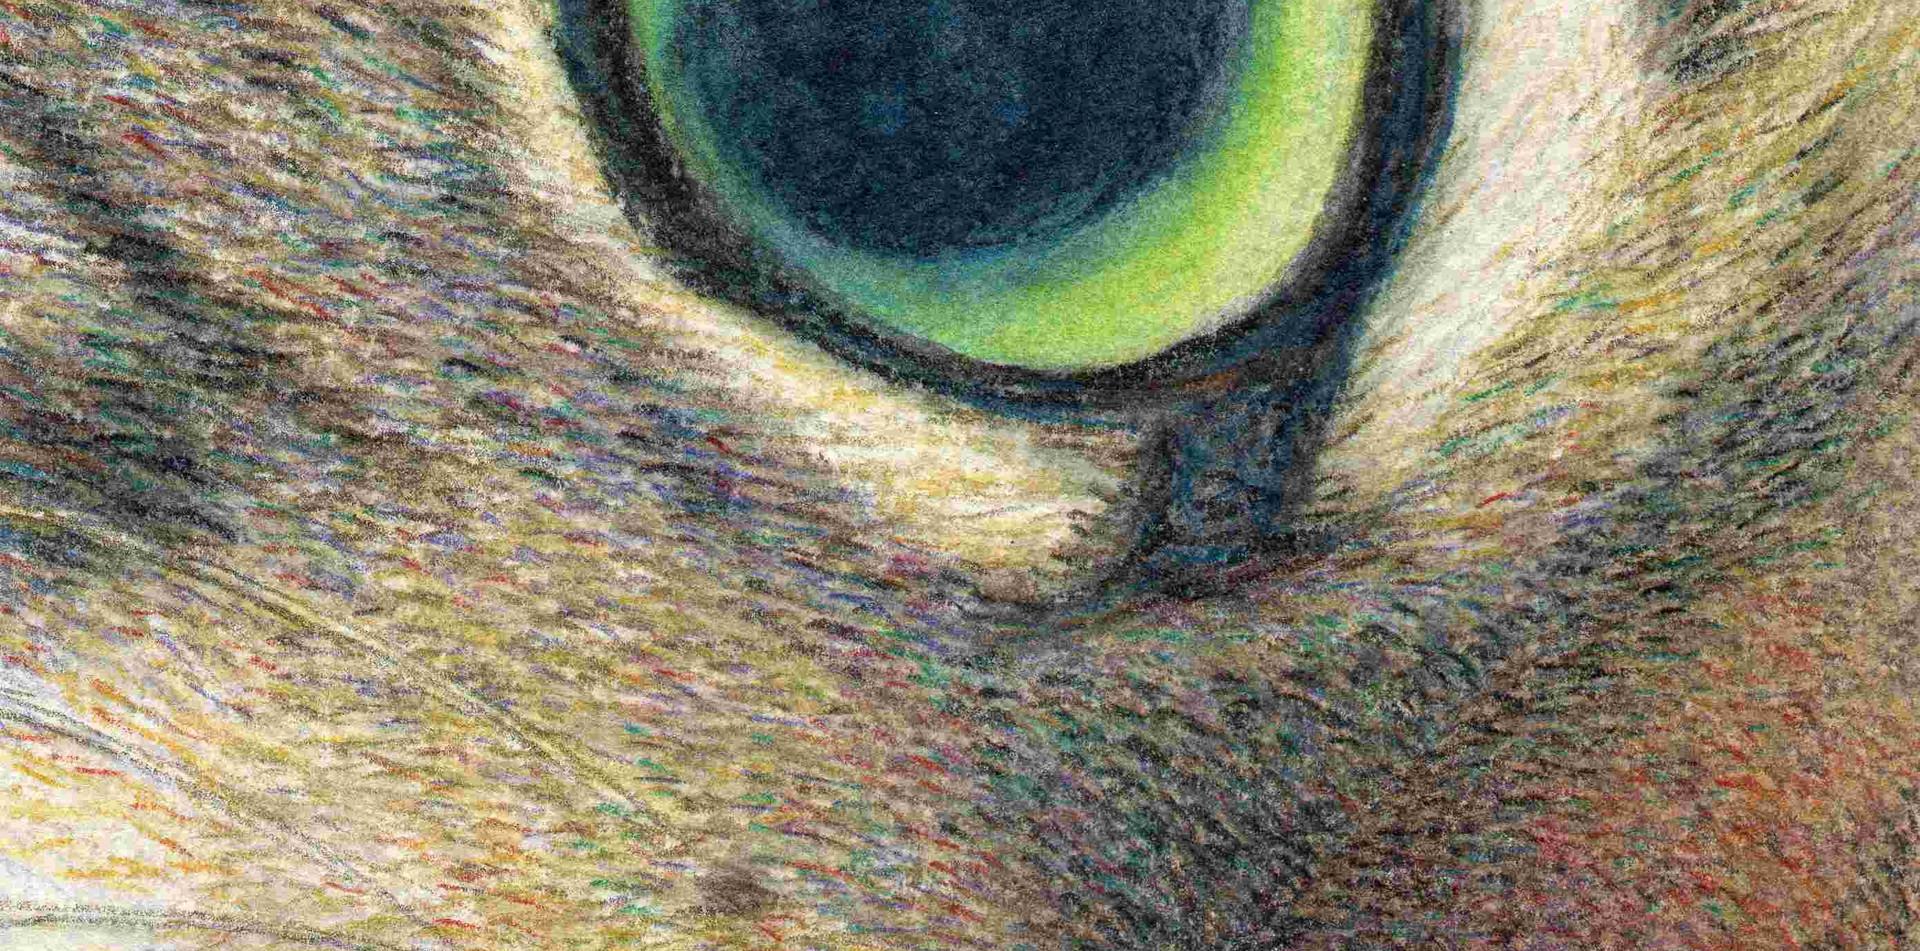 506 A Tabby Cat's Wide Open Eye